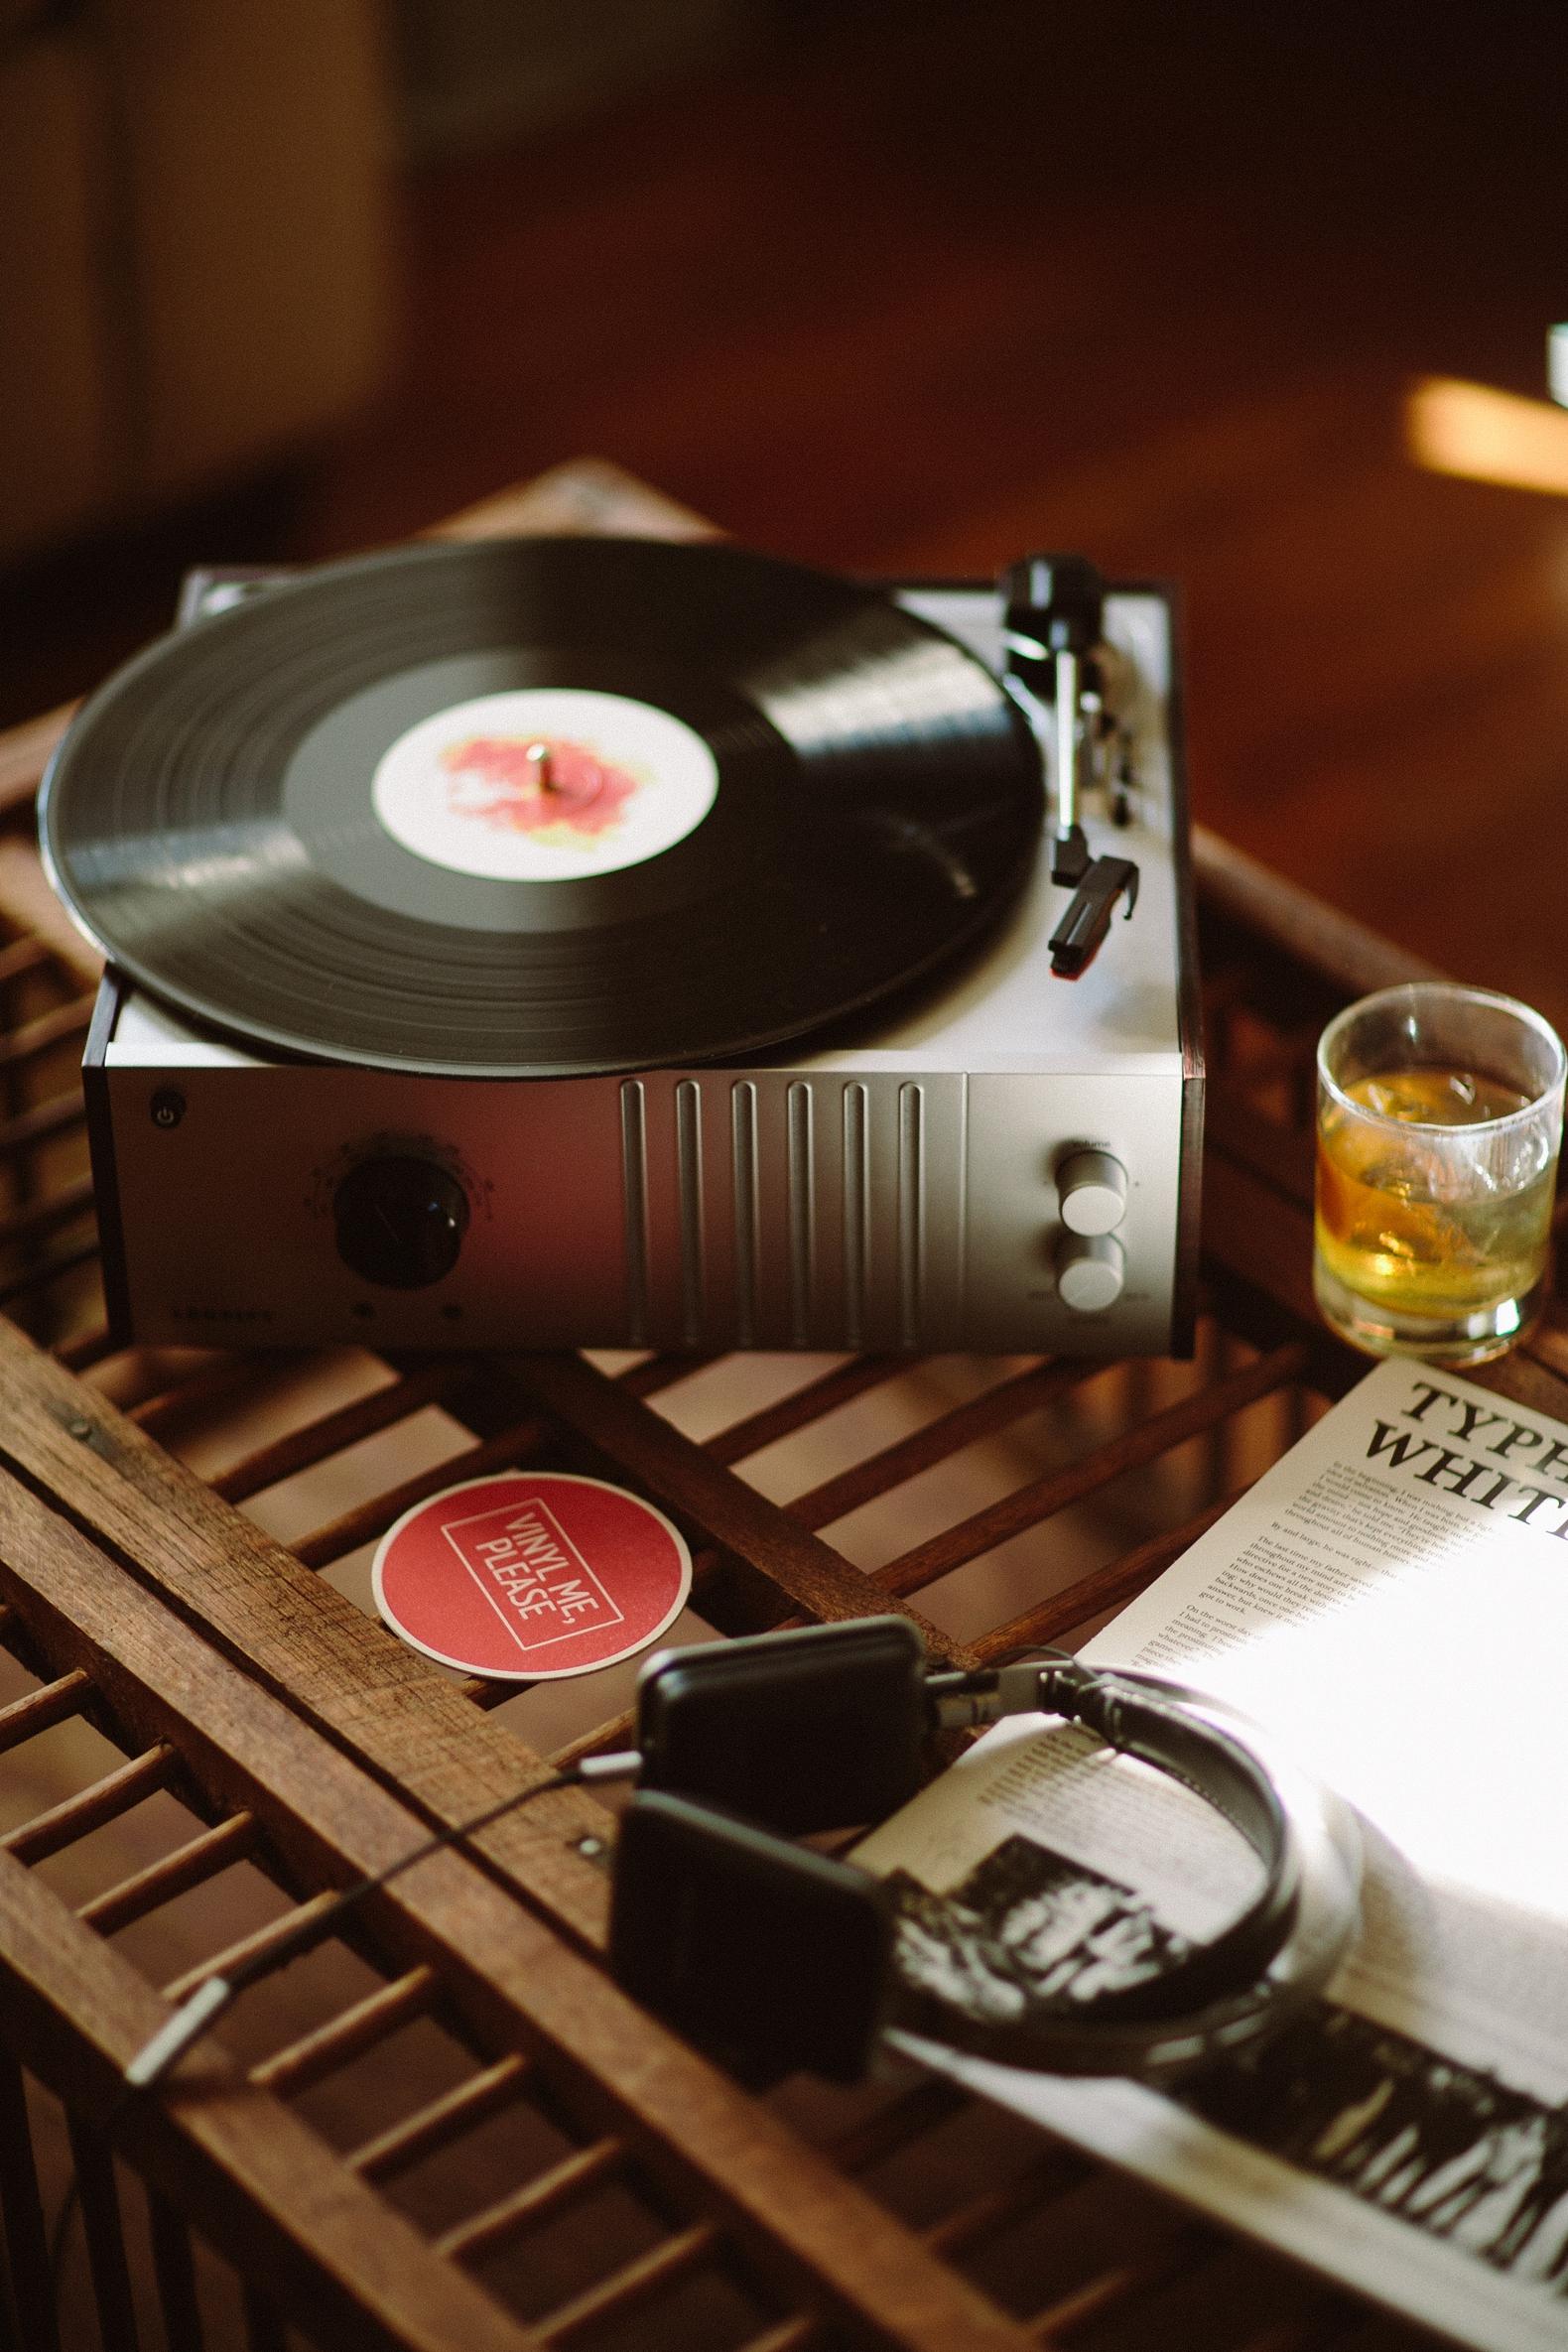 vinyl-me-please-0002